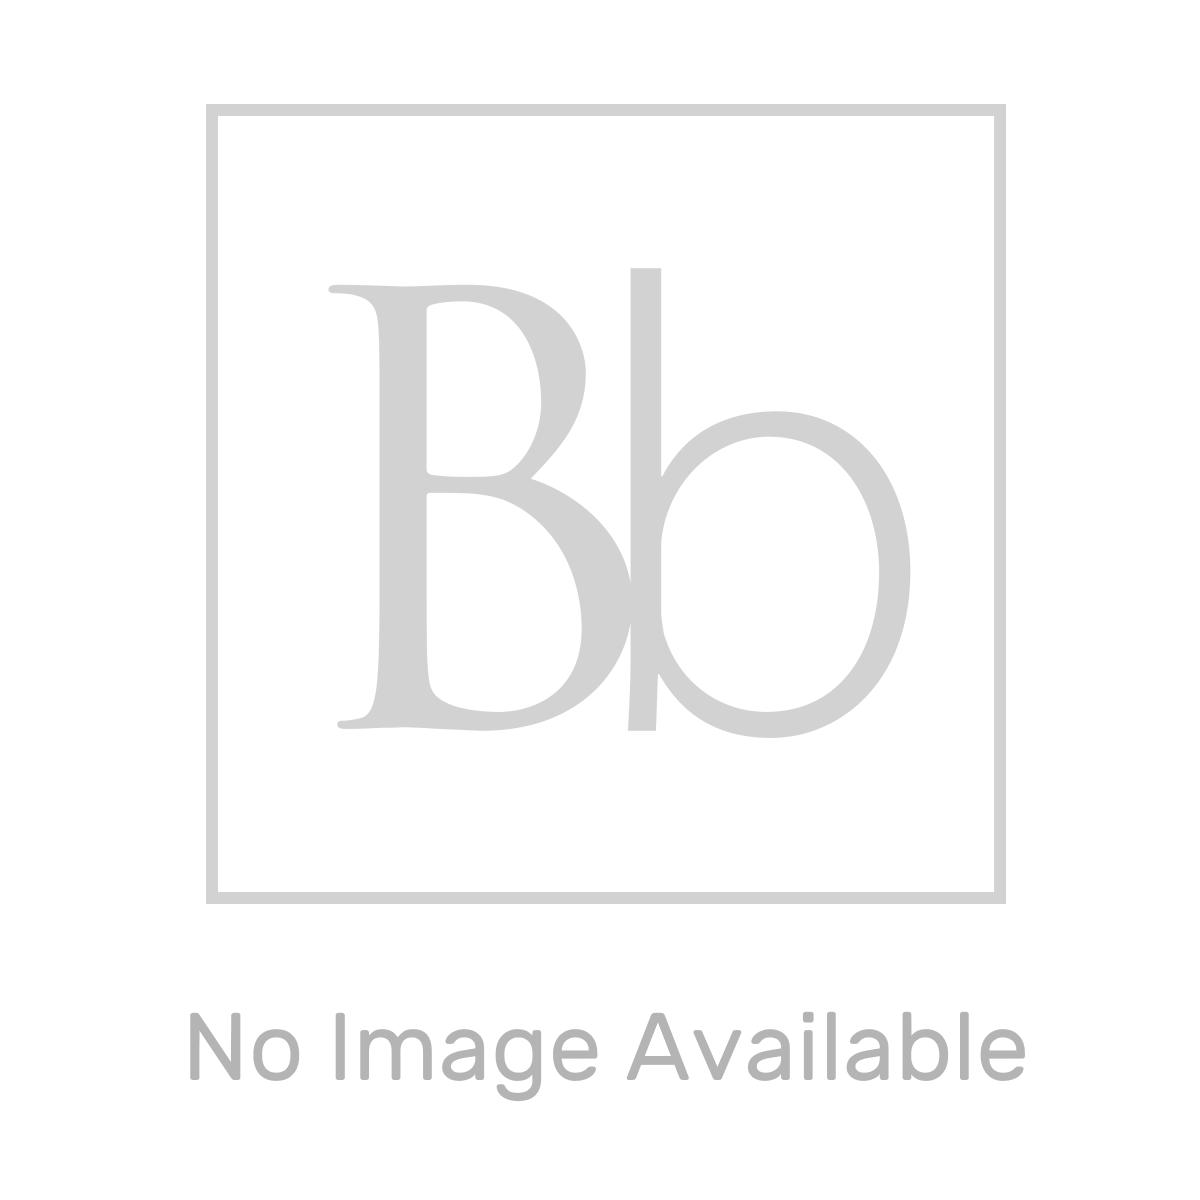 RAK Resort En-Suite with Bifold Door Shower Enclosure